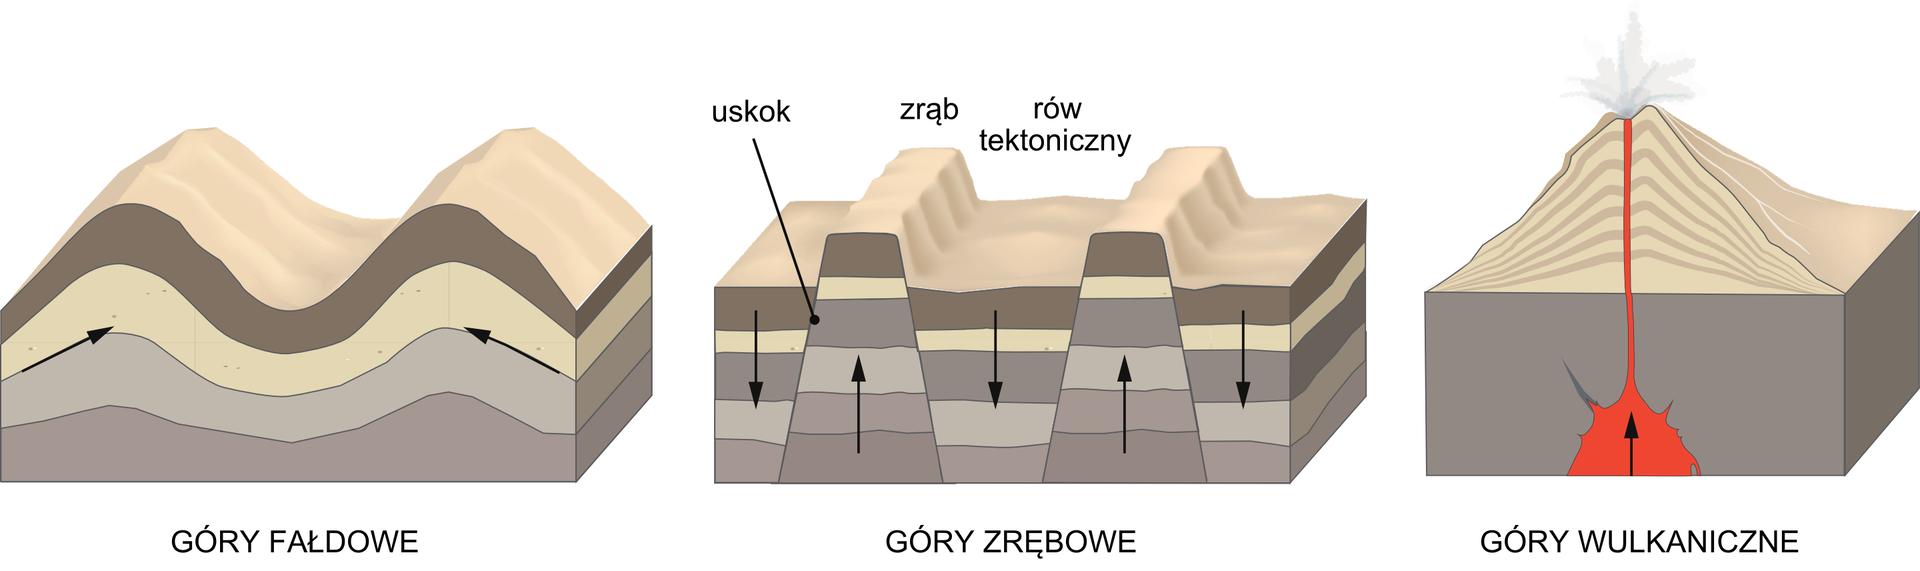 Na ilustracji trzy schematy. Schemat pierwszy – pofałdowany teren. Cztery warstwy wkolorach brązowych ibeżowych. Pomiędzy warstwą drugą itrzecią czarnymi strzałkami zwróconymi do środka inieco wgórę zaznaczono kierunek wypiętrzania gór fałdowych. Schemat drugi – cztery warstwy wkolorach brązowych ibeżowych. Czarnymi strzałkami zaznaczono kierunki uskoków. Ciągłość warstw jest zerwana. Dwa fragmenty uległy wyniesieniu trzy fragmenty obniżeniu. Schemat trzeci – przekrój przez wulkan. Dolna warstwa prostokątna brązowa. Na środku czerwona plama. To lawa. Strzałką zaznaczono kierunek wypływu lawy. Wgórnej części stożek wkolorze beżowym poprzecinany ciemniejszymi warstwami. Strumień czerwonej lawy pionowo do góry. Nad jej ujściem obłoczki dymu.